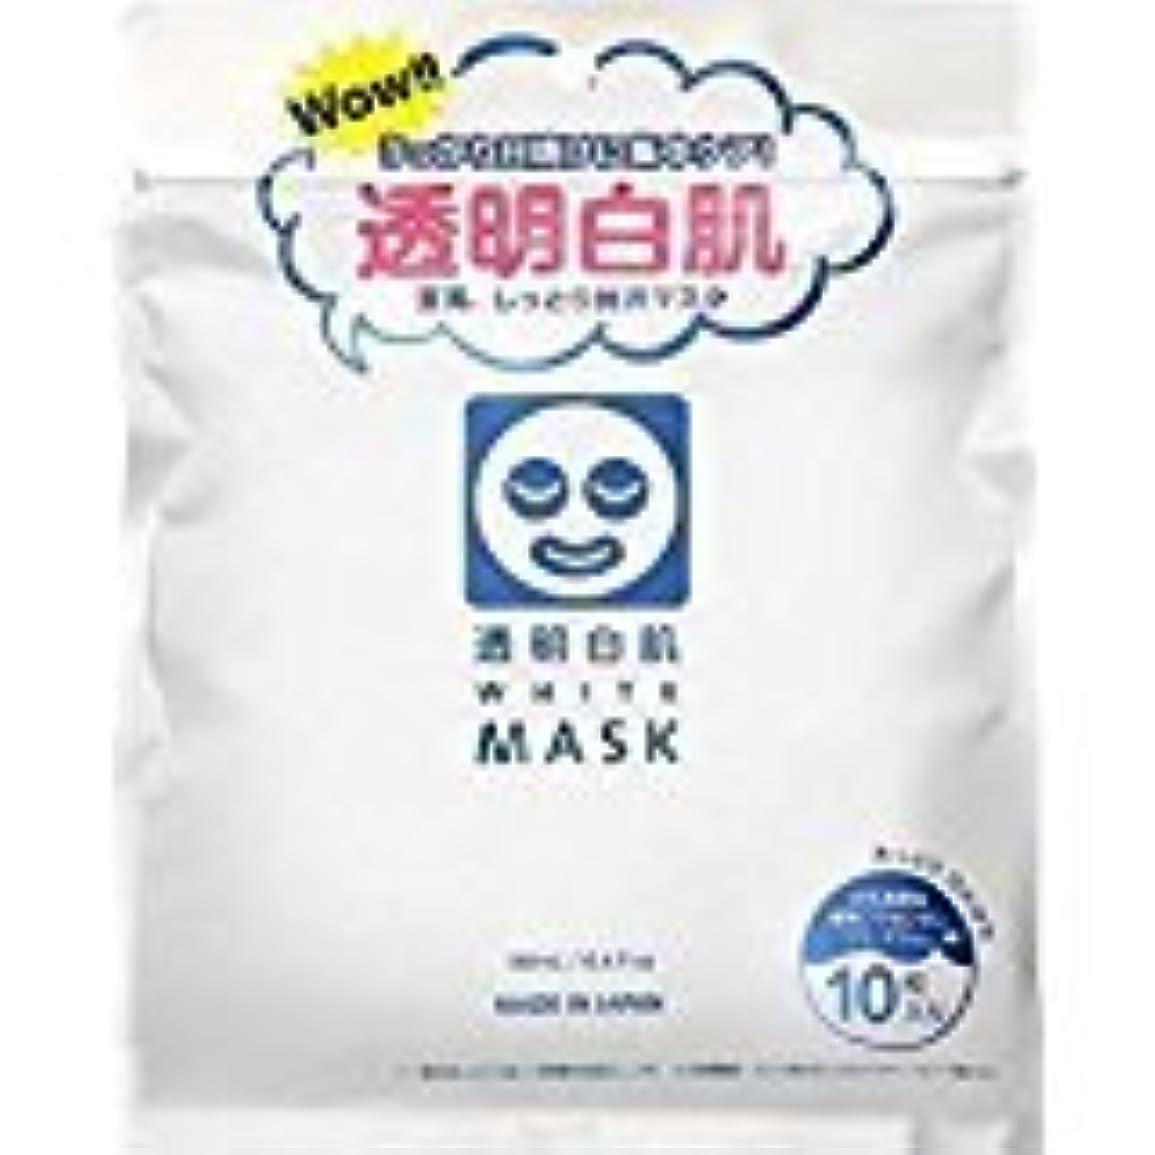 粘土検索エンジンマーケティングコンデンサー石澤研究所]透明白肌 ホワイトマスク N10枚入 (48枚セット)